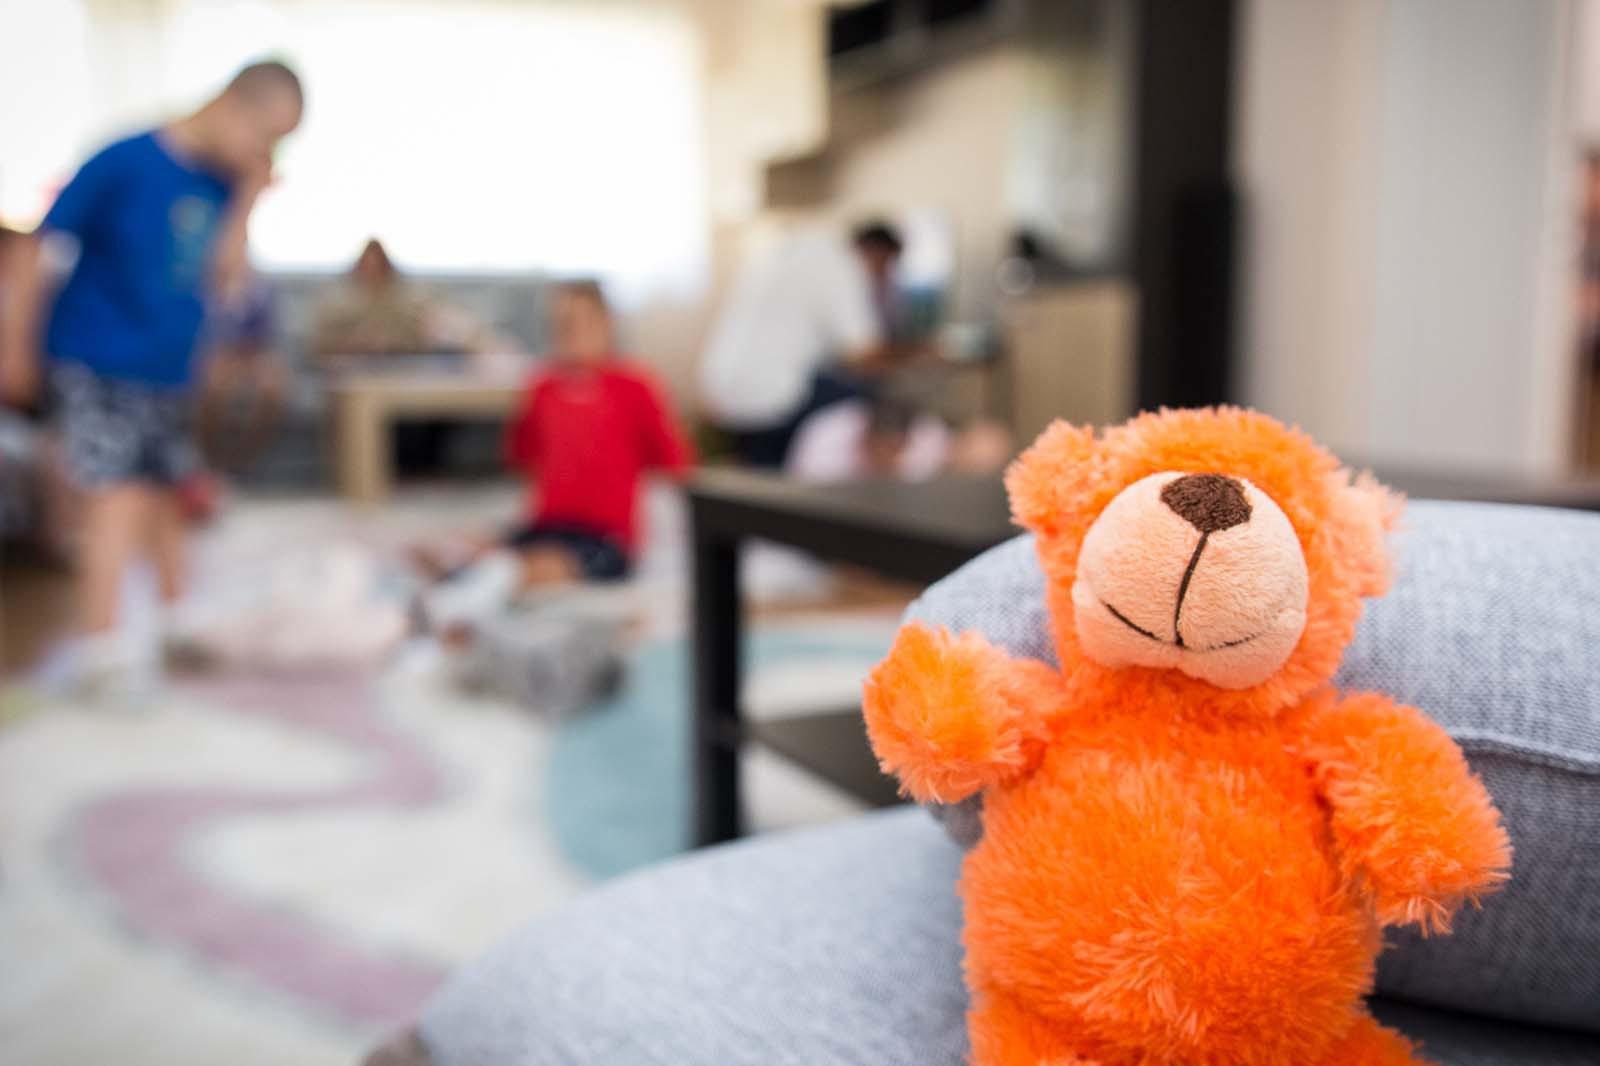 ANPIS: Doar 7% dintre unităţile de învăţământ oferă acces neîngrădit copiilor cu handicap